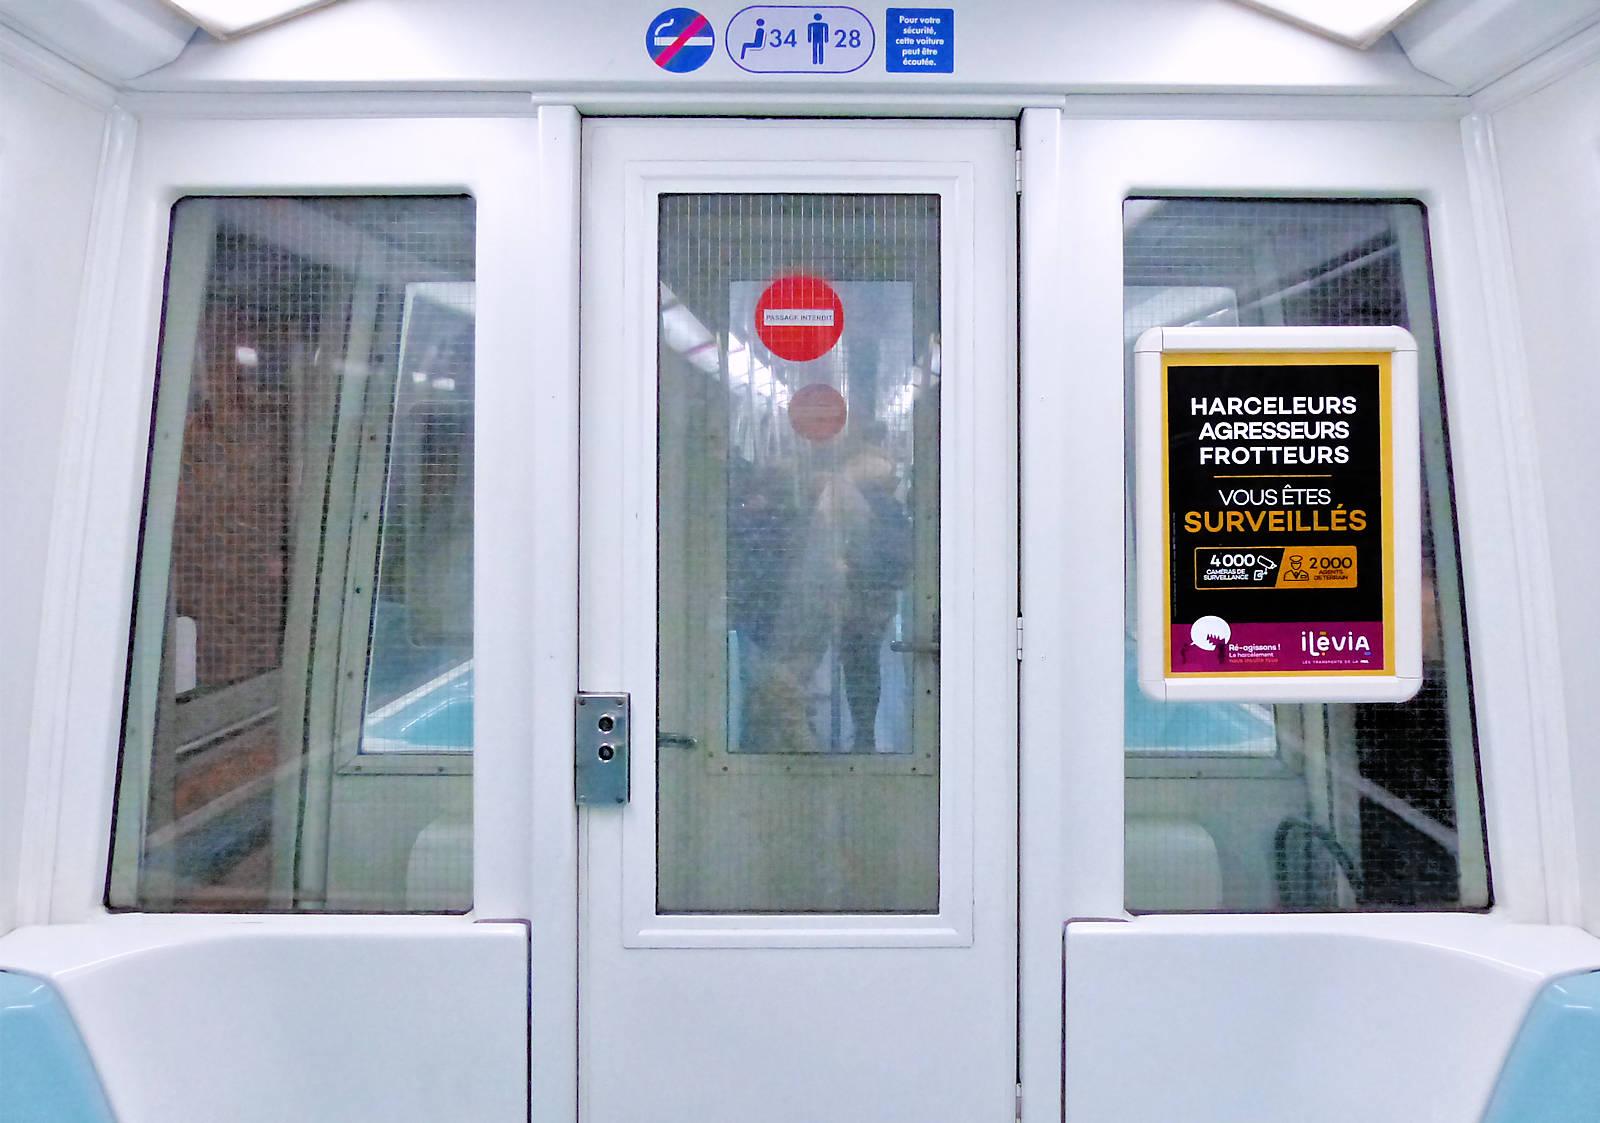 Métro Tram - Affichage Anti-frotteurs